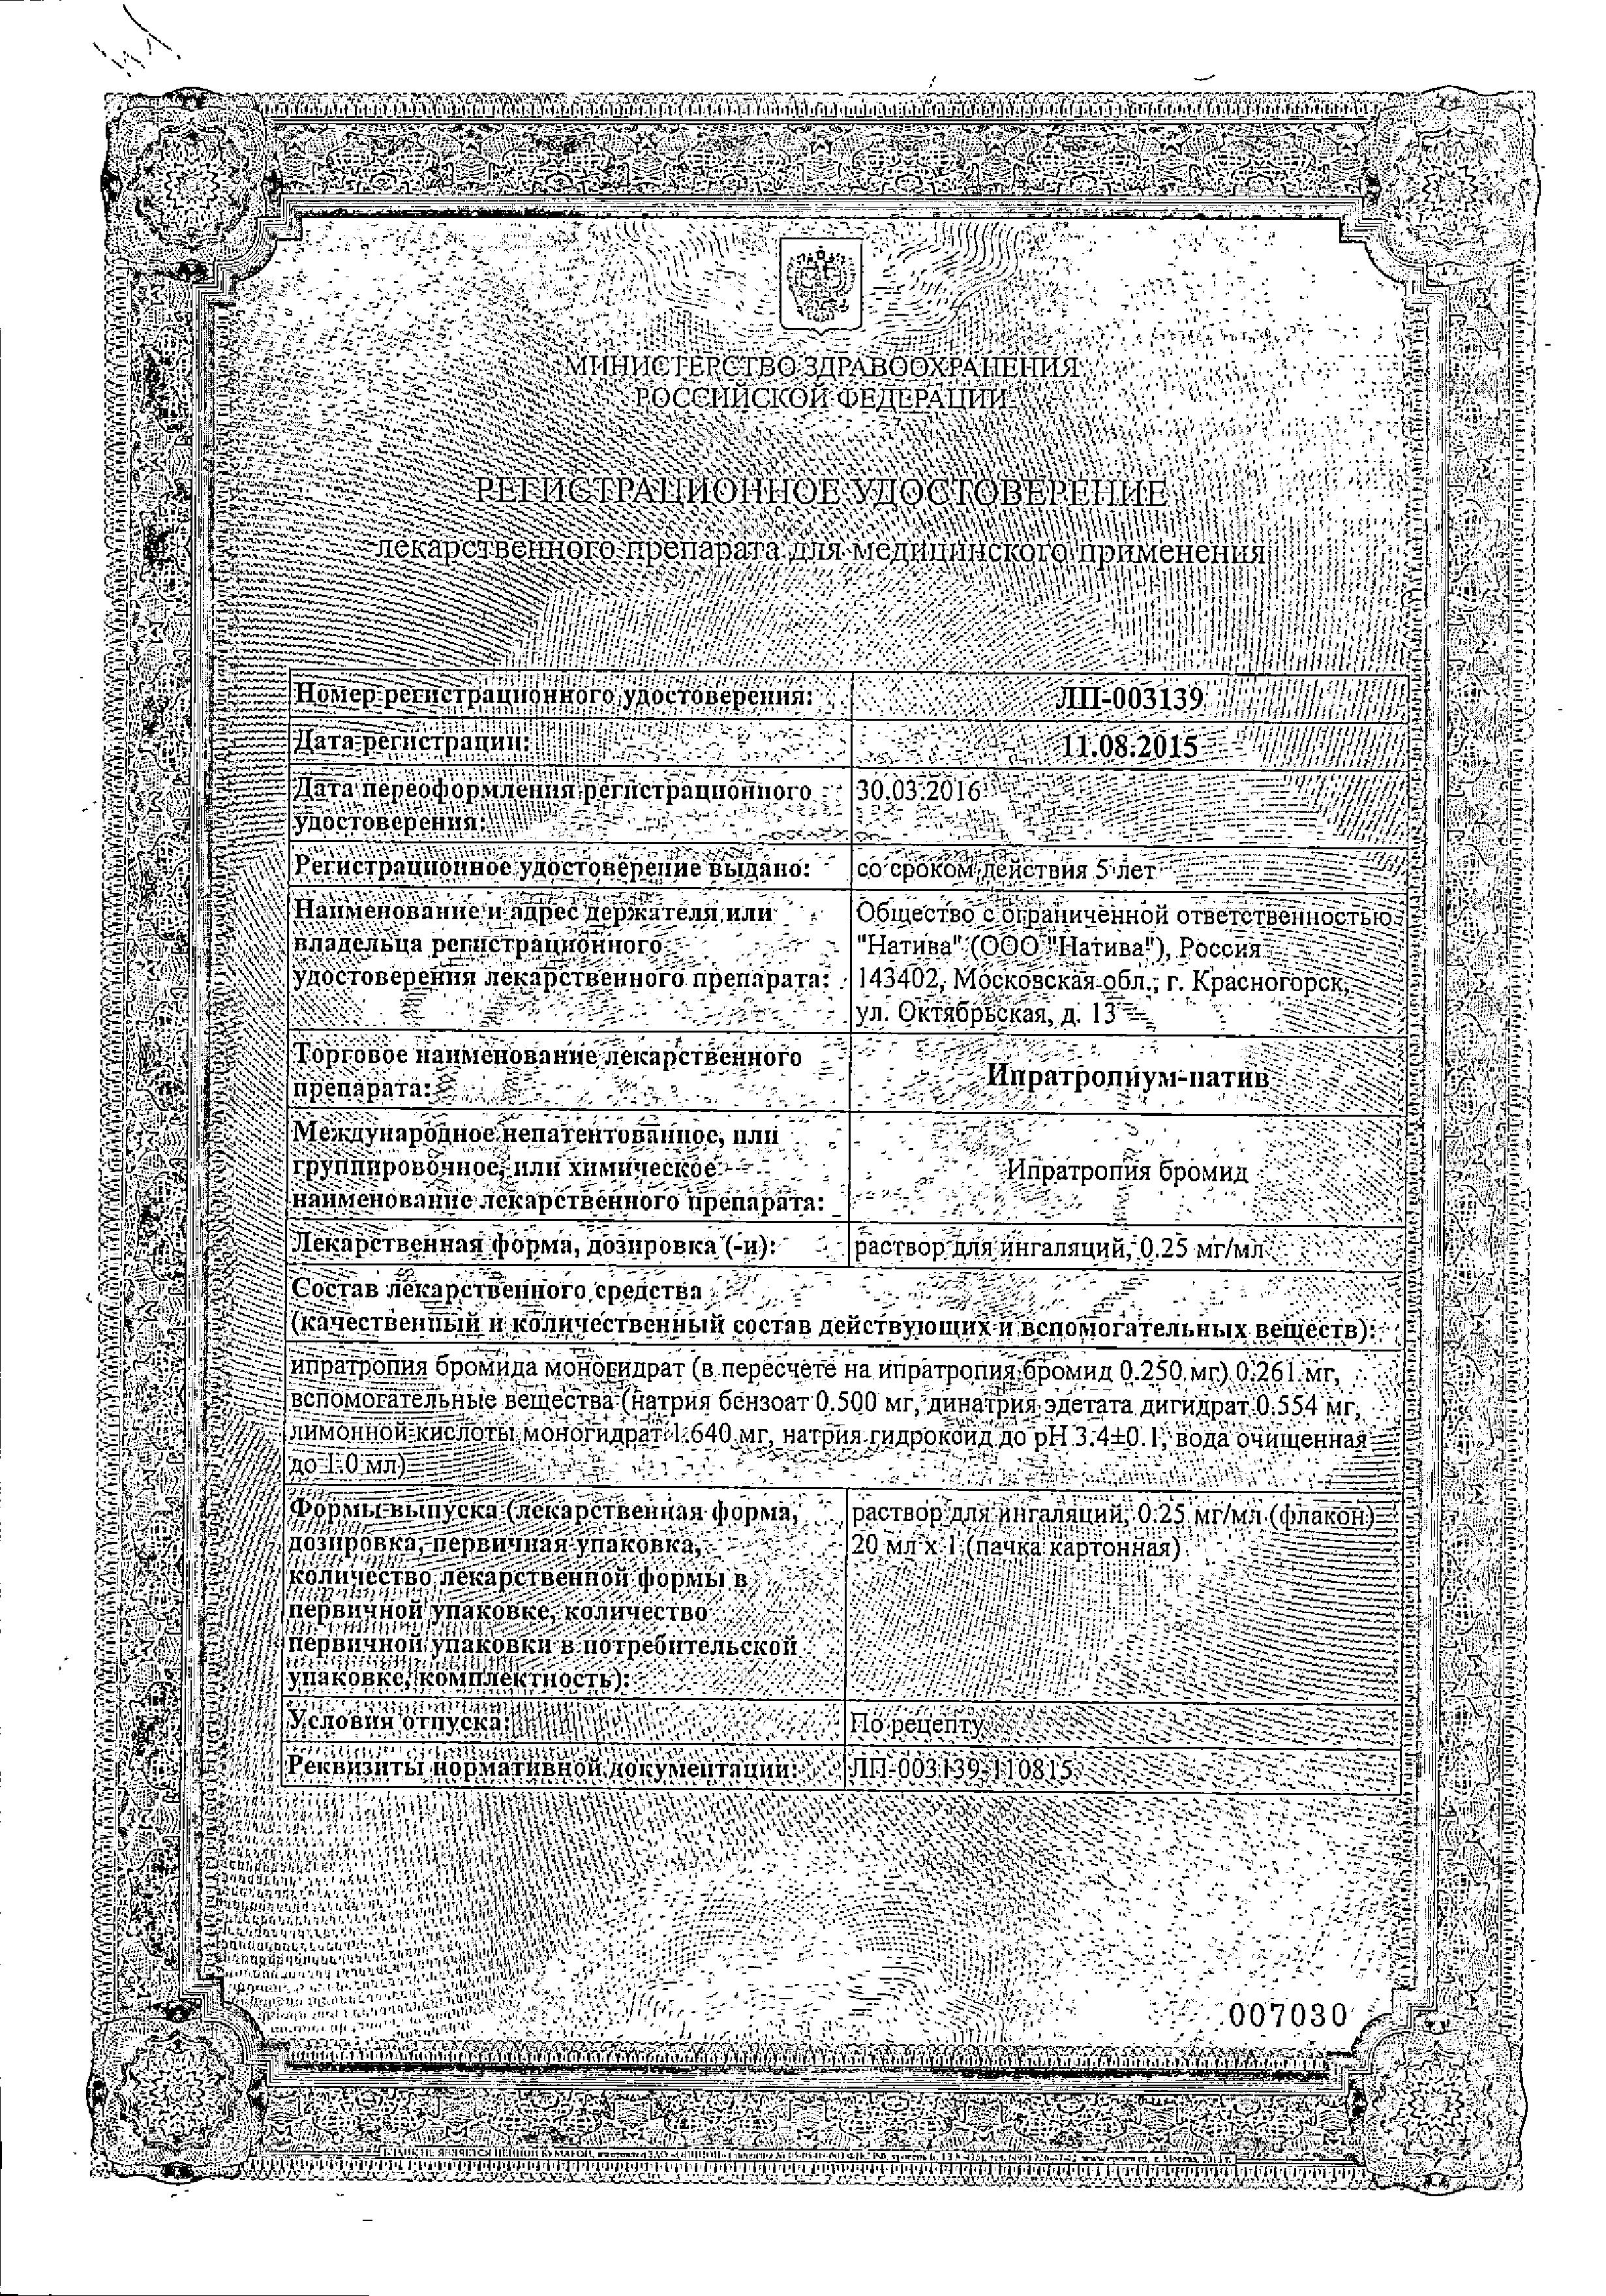 Ипратропиум-натив сертификат